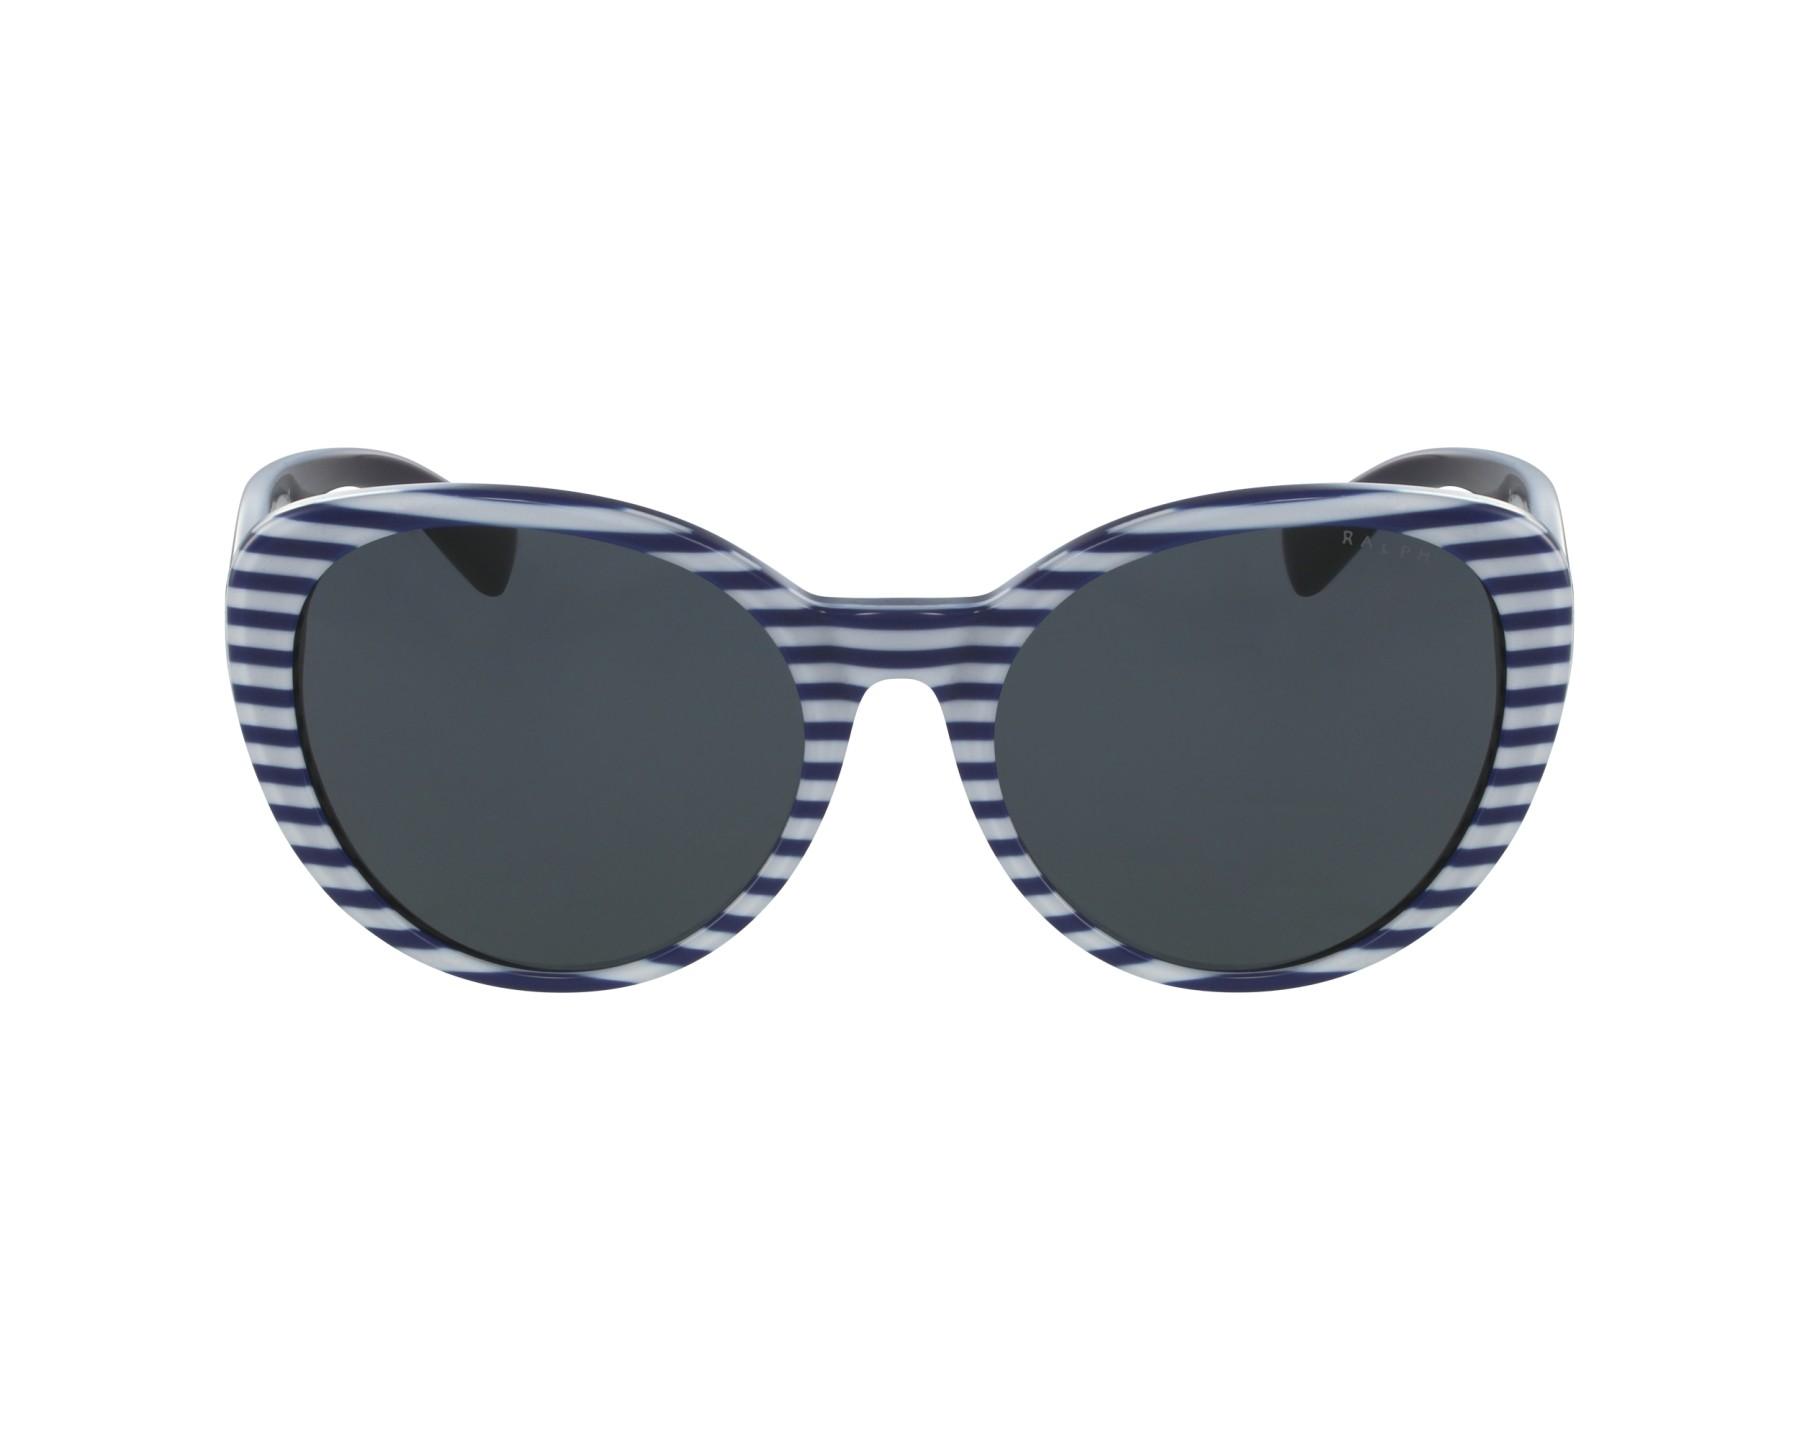 Lunettes de soleil ralph by ralph lauren ra 5212 315887 bleu avec des verres gris - Verre lunette raye assurance ...